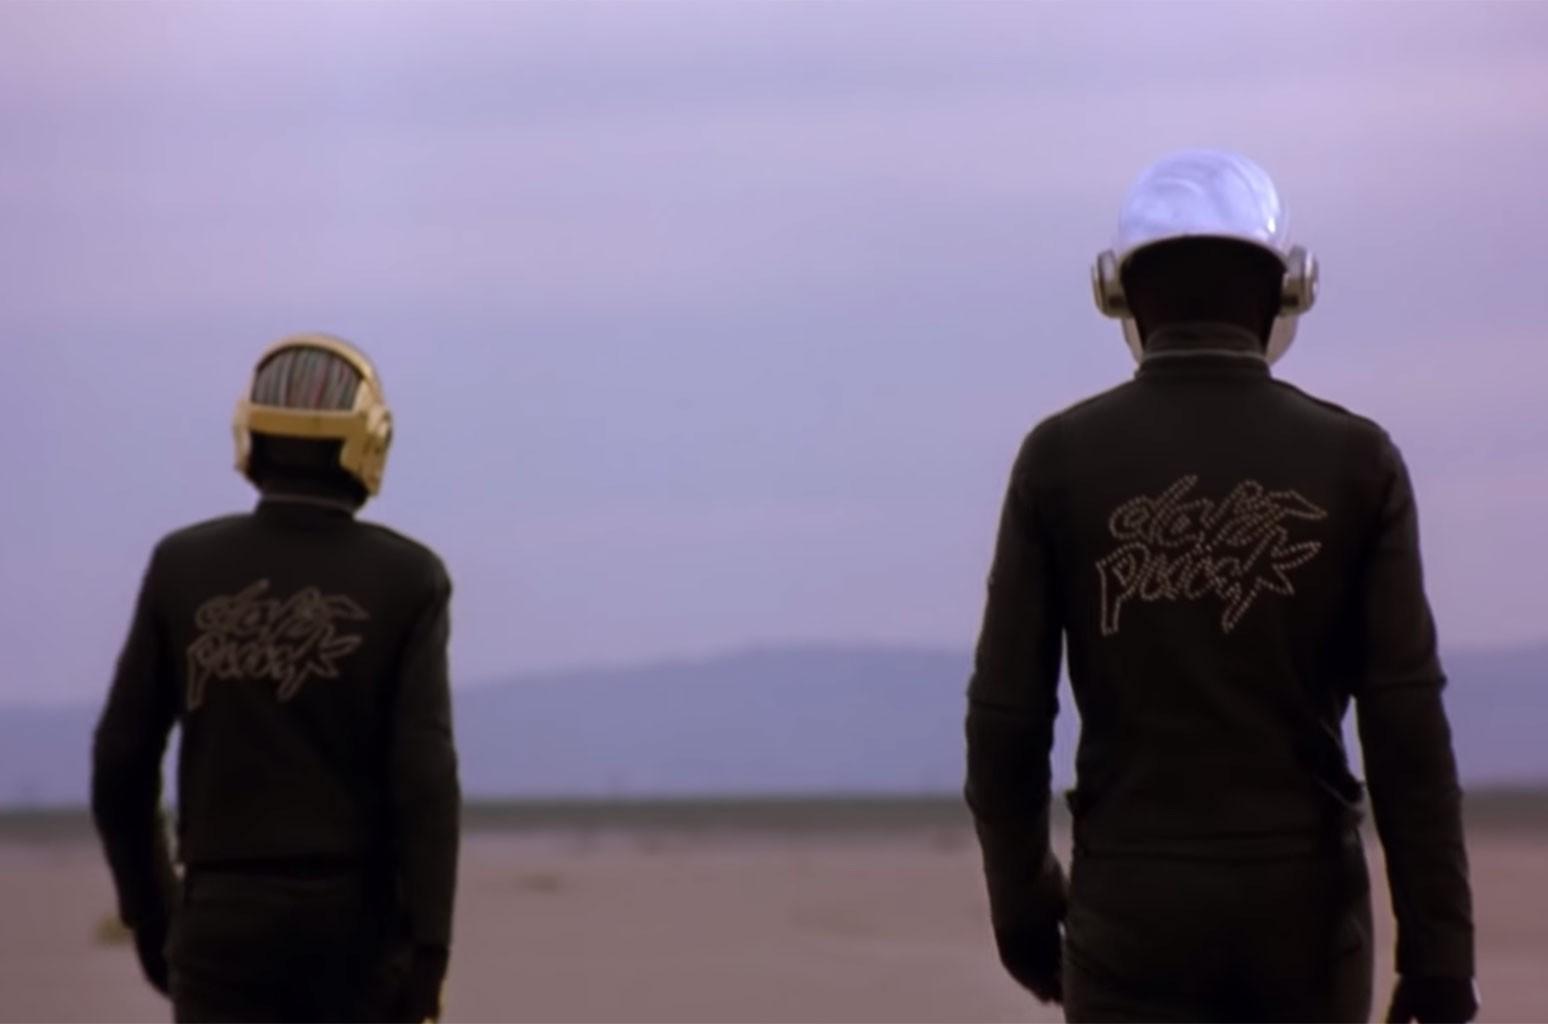 Daft Punk: Call It уходит после 28 лет выпуска восьмиминутного видео с эпилогом